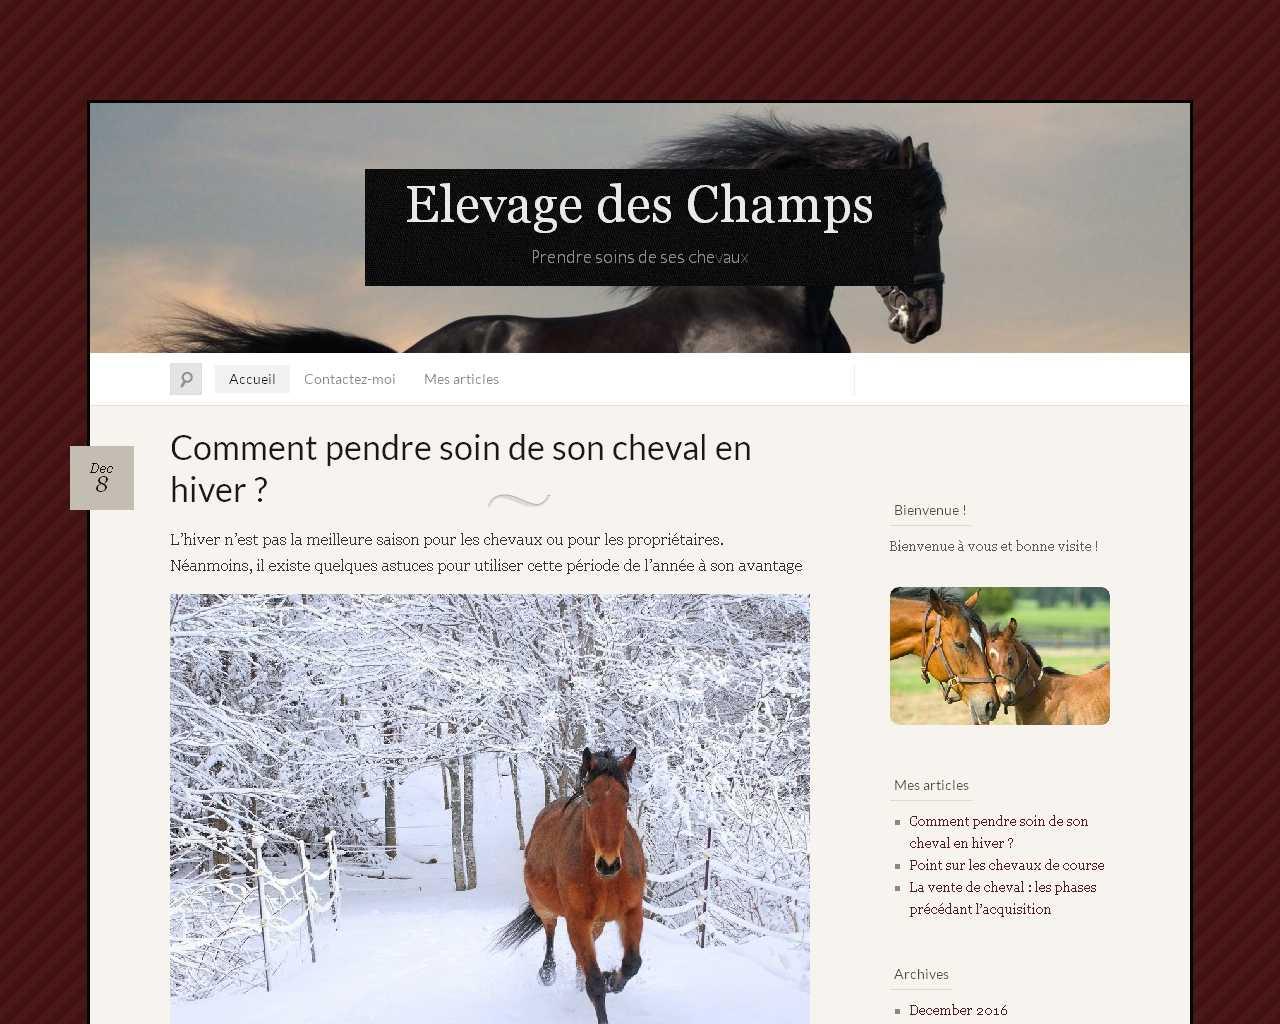 Elevage des Champs